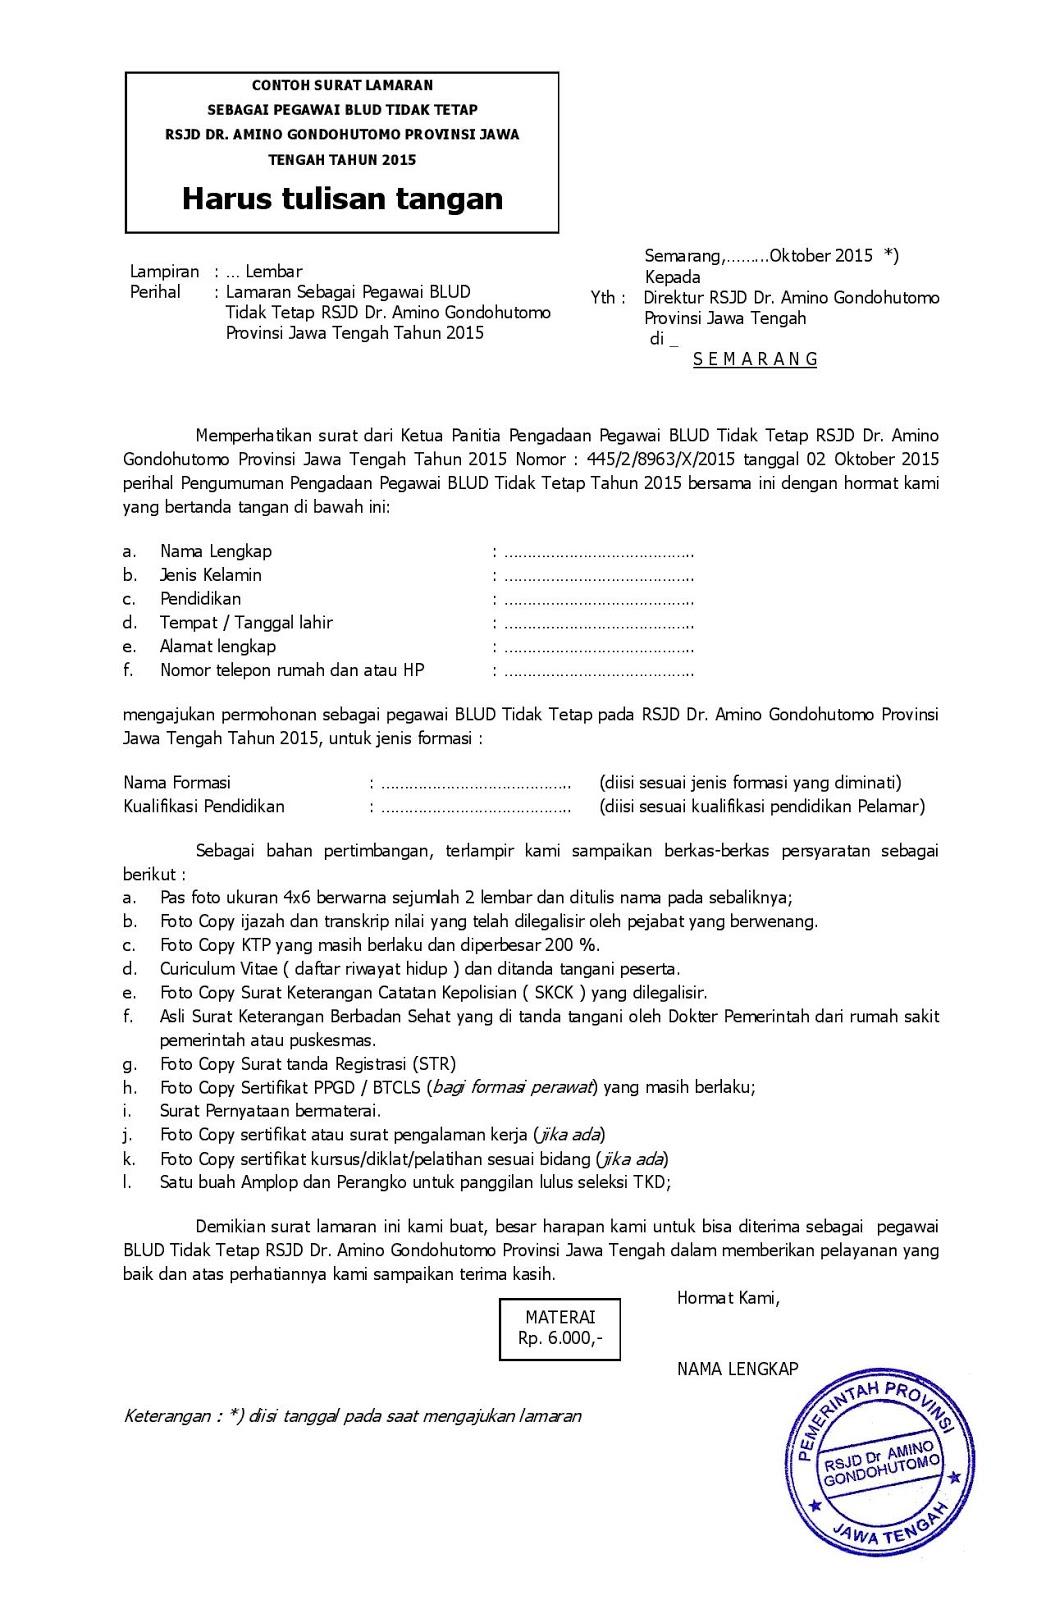 Contoh Surat Lamaran Kerja Pegawai Bumn